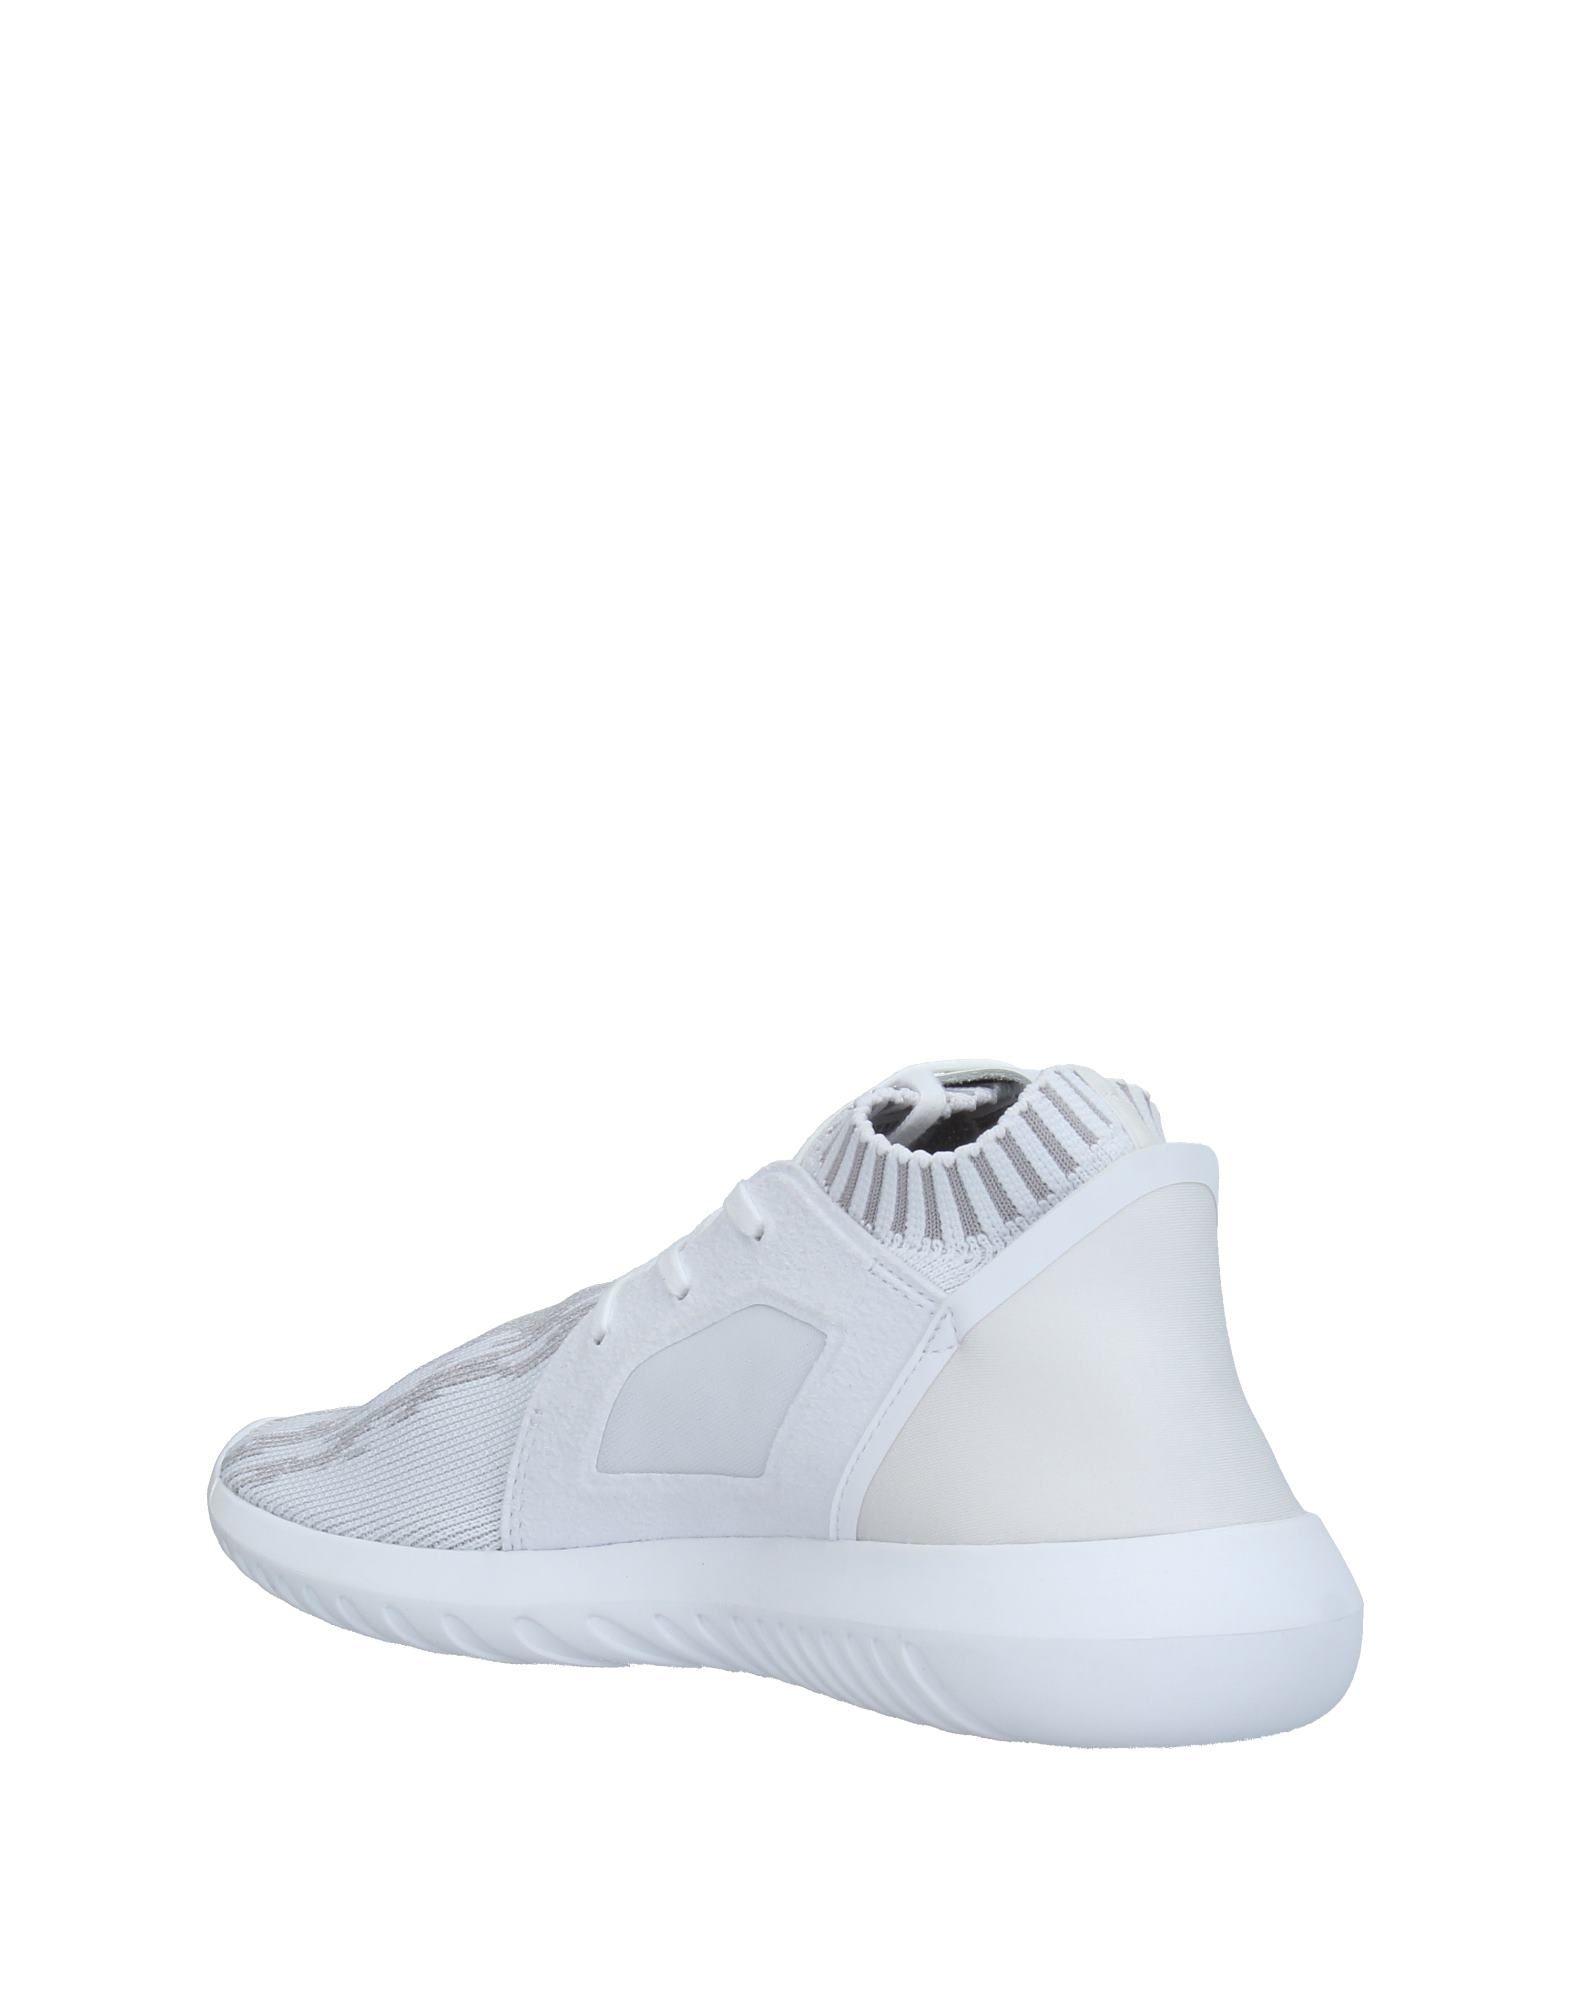 Adidas Adidas Adidas Originals Sneakers Damen  11328600CK Gute Qualität beliebte Schuhe 4bb5d5